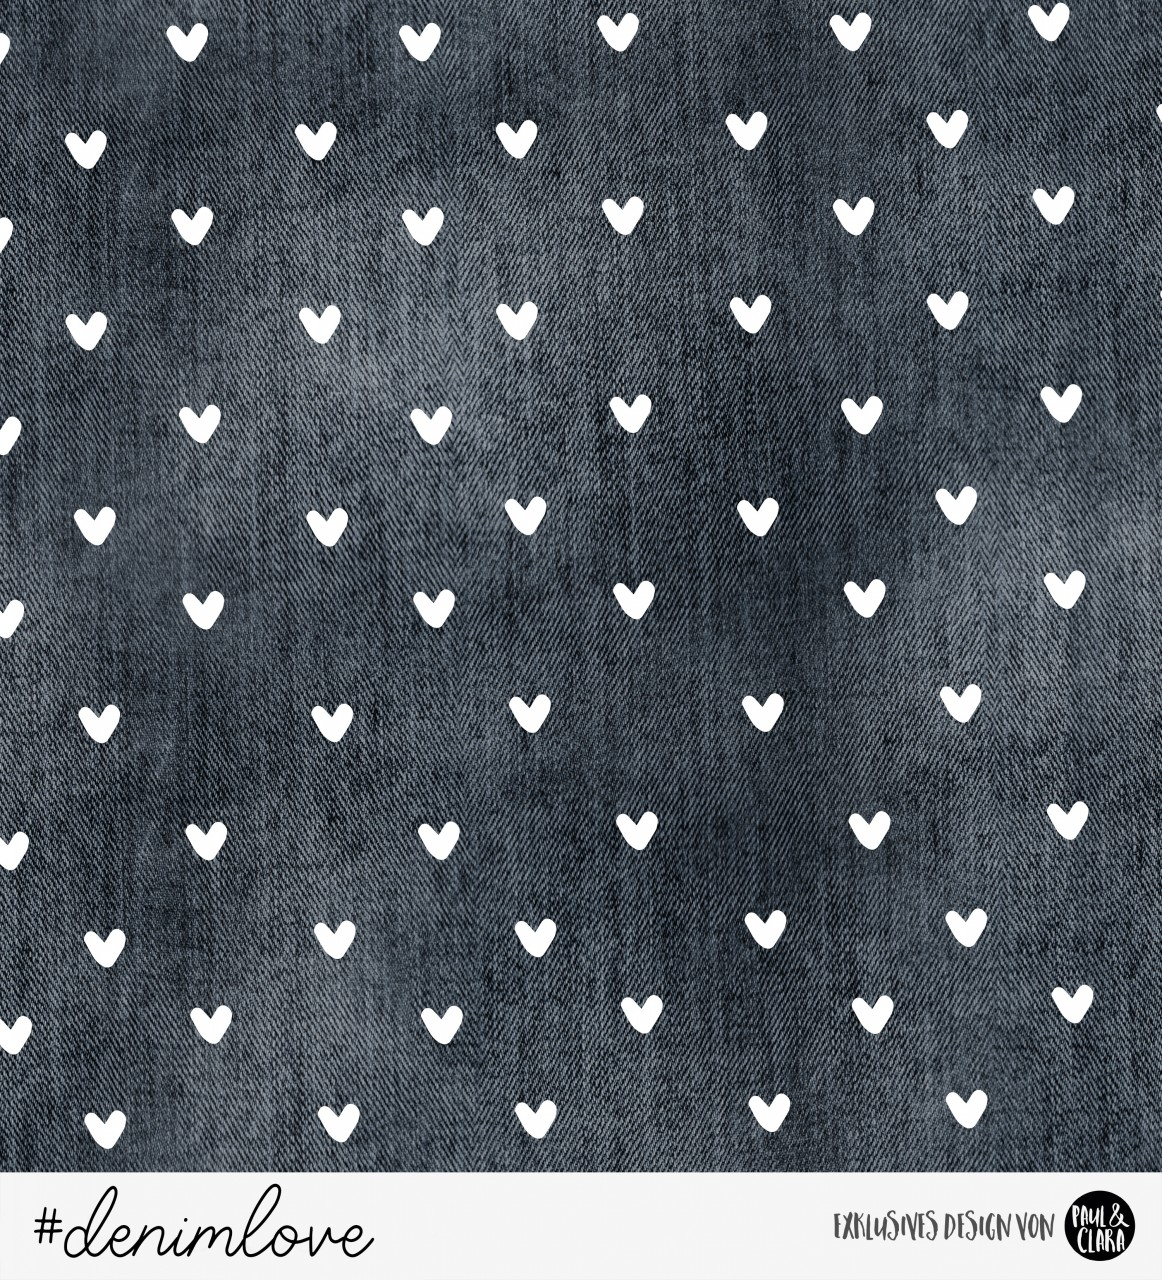 denimlove - Schwarze Herzen *Bio-Sommersweat*